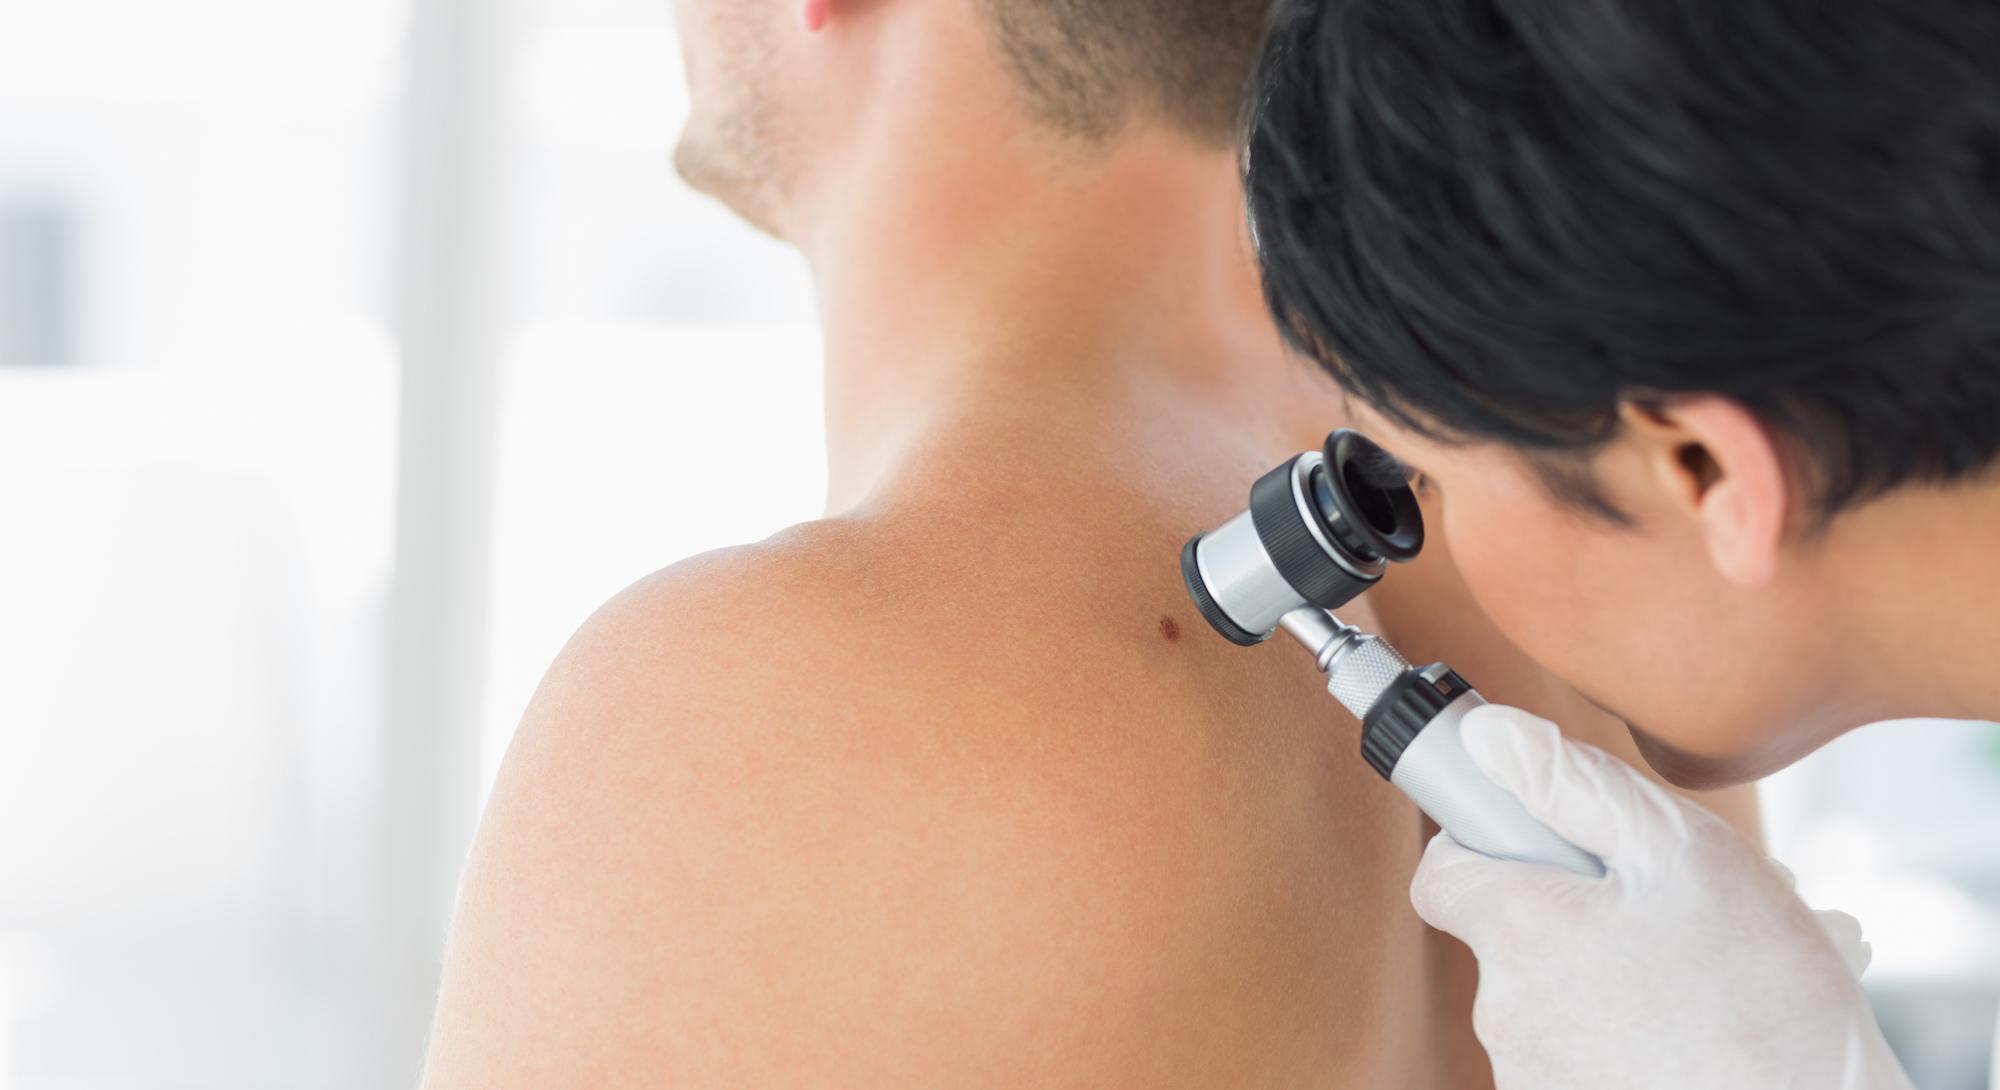 É só uma pinta ou é um melanoma? Artigo Dra. Lílian Licarião publicado no British Journal of Dermatology